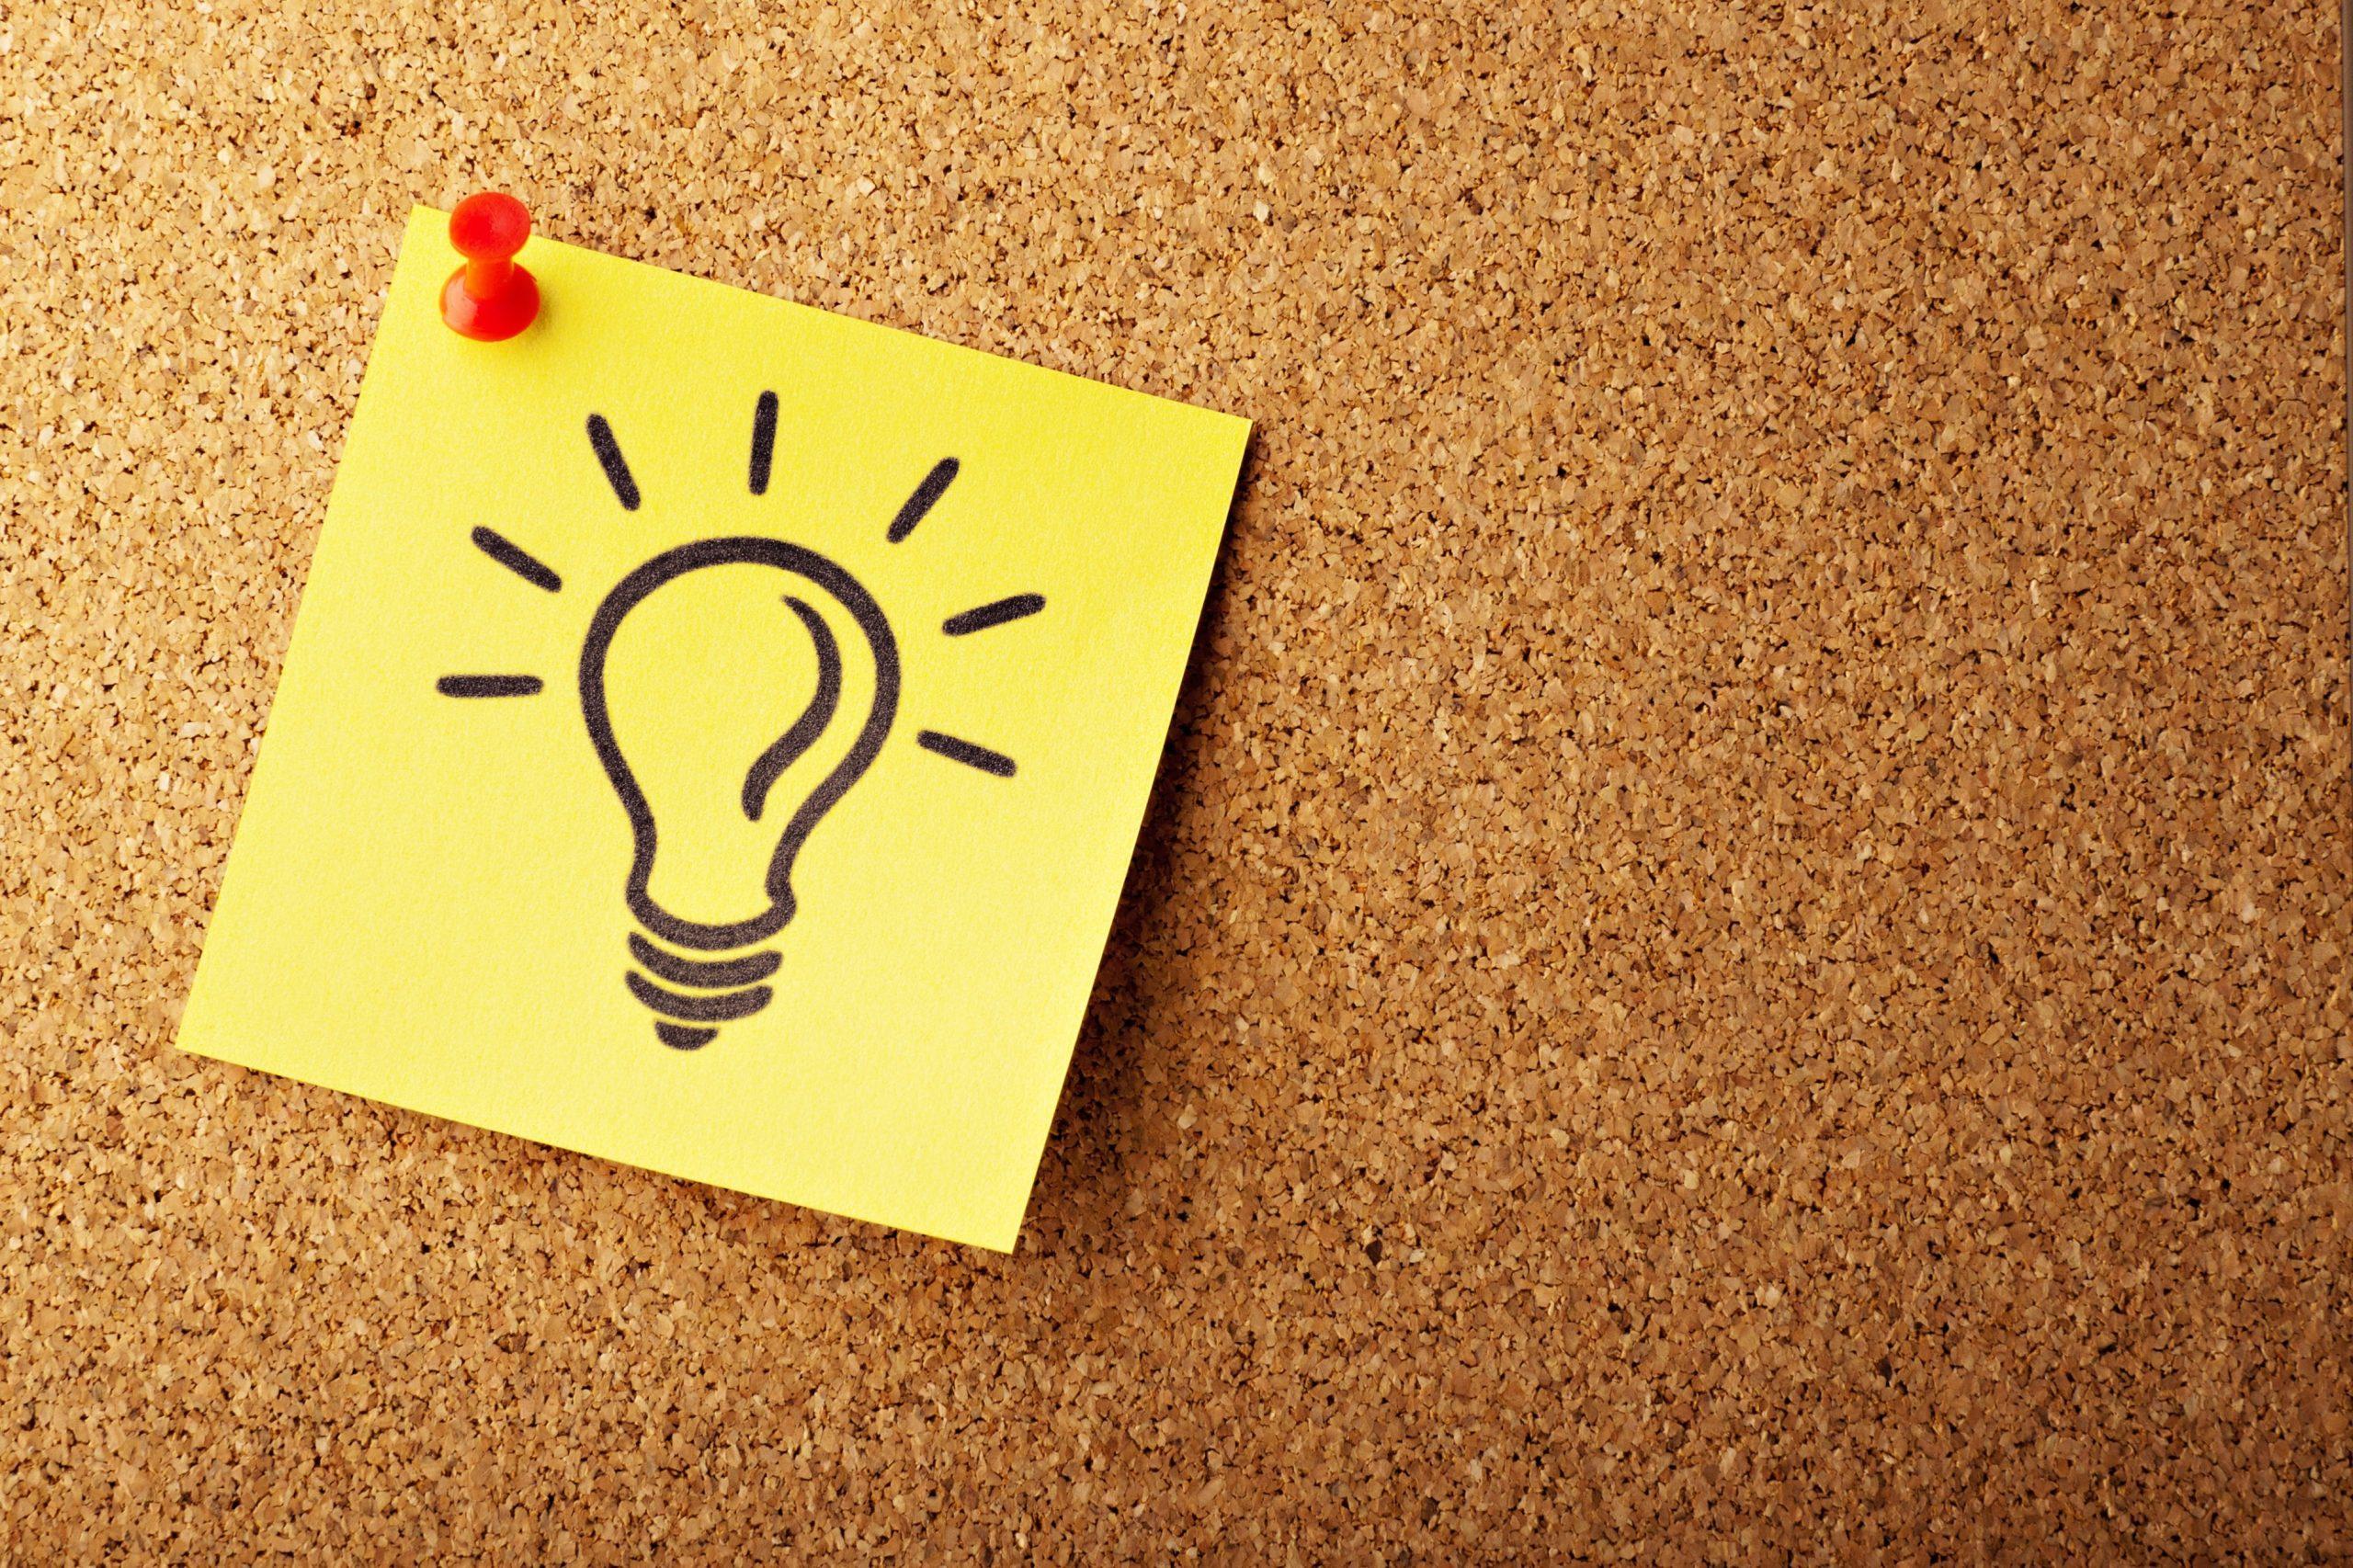 Come crearsi opzioni nella propria carriera: ecco alcuni libri per creatività e divergenza